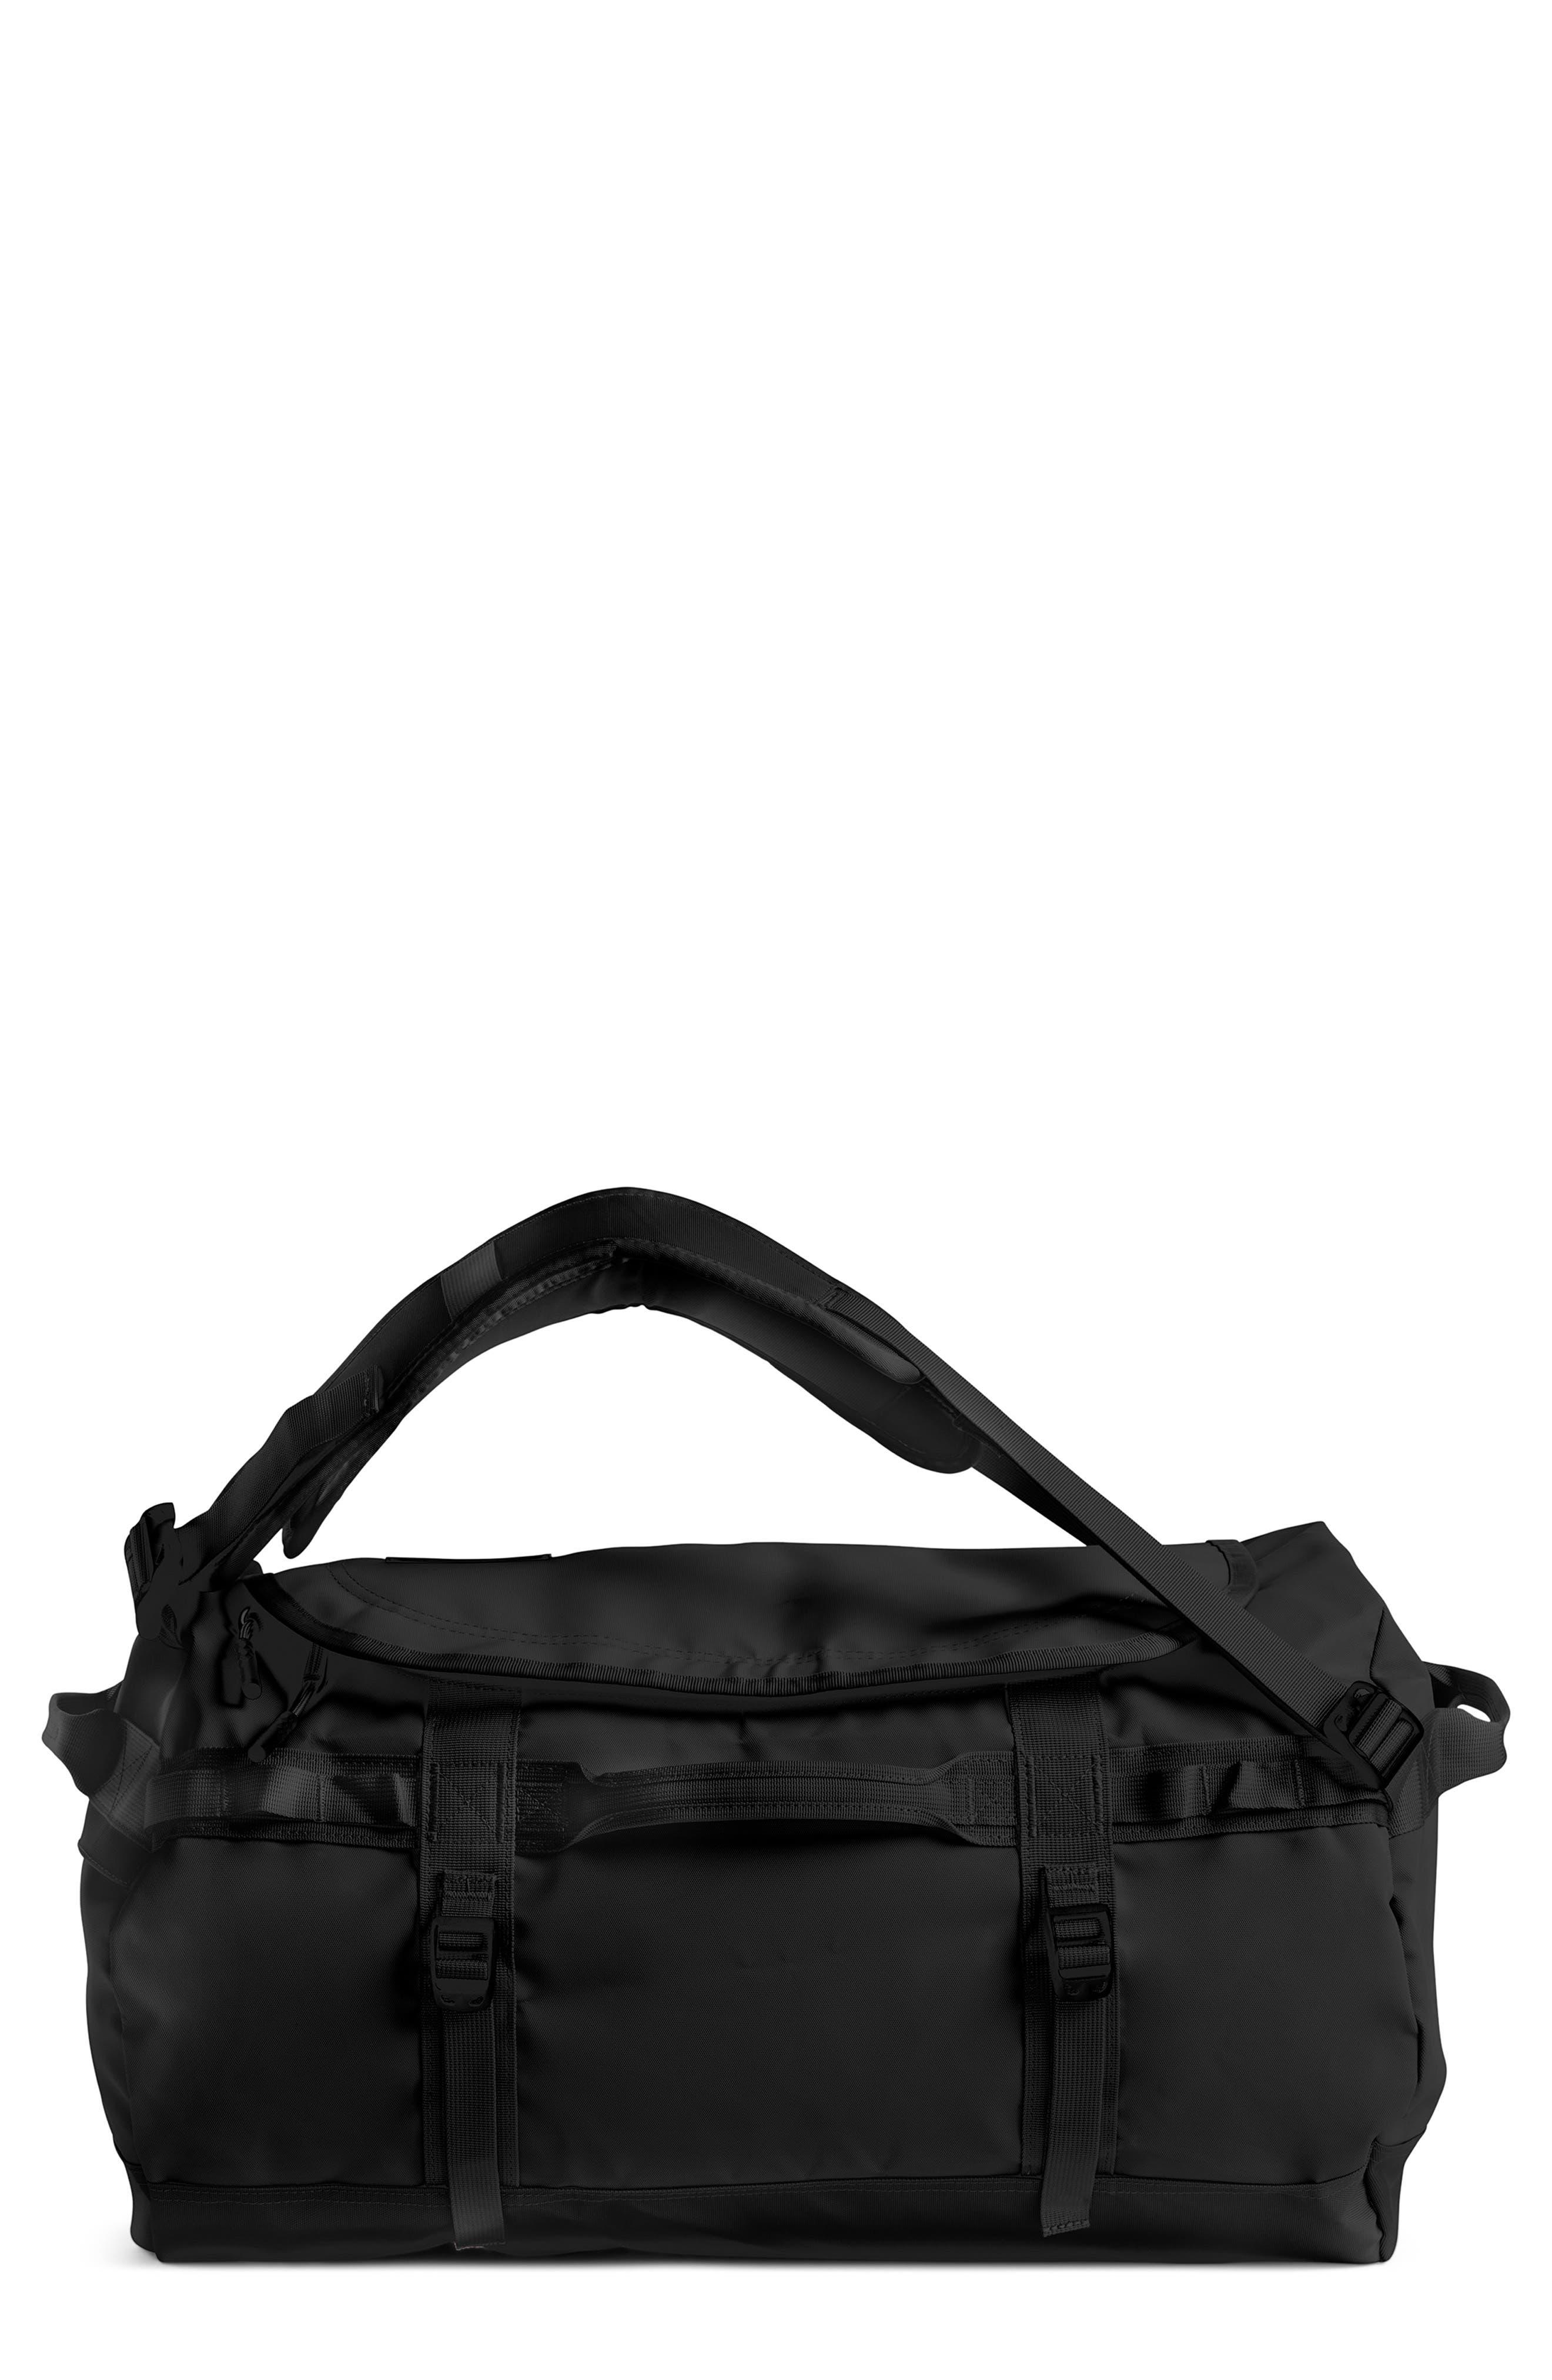 Base Camp Water Resistant Duffel Bag, Main, color, TNF BLACK